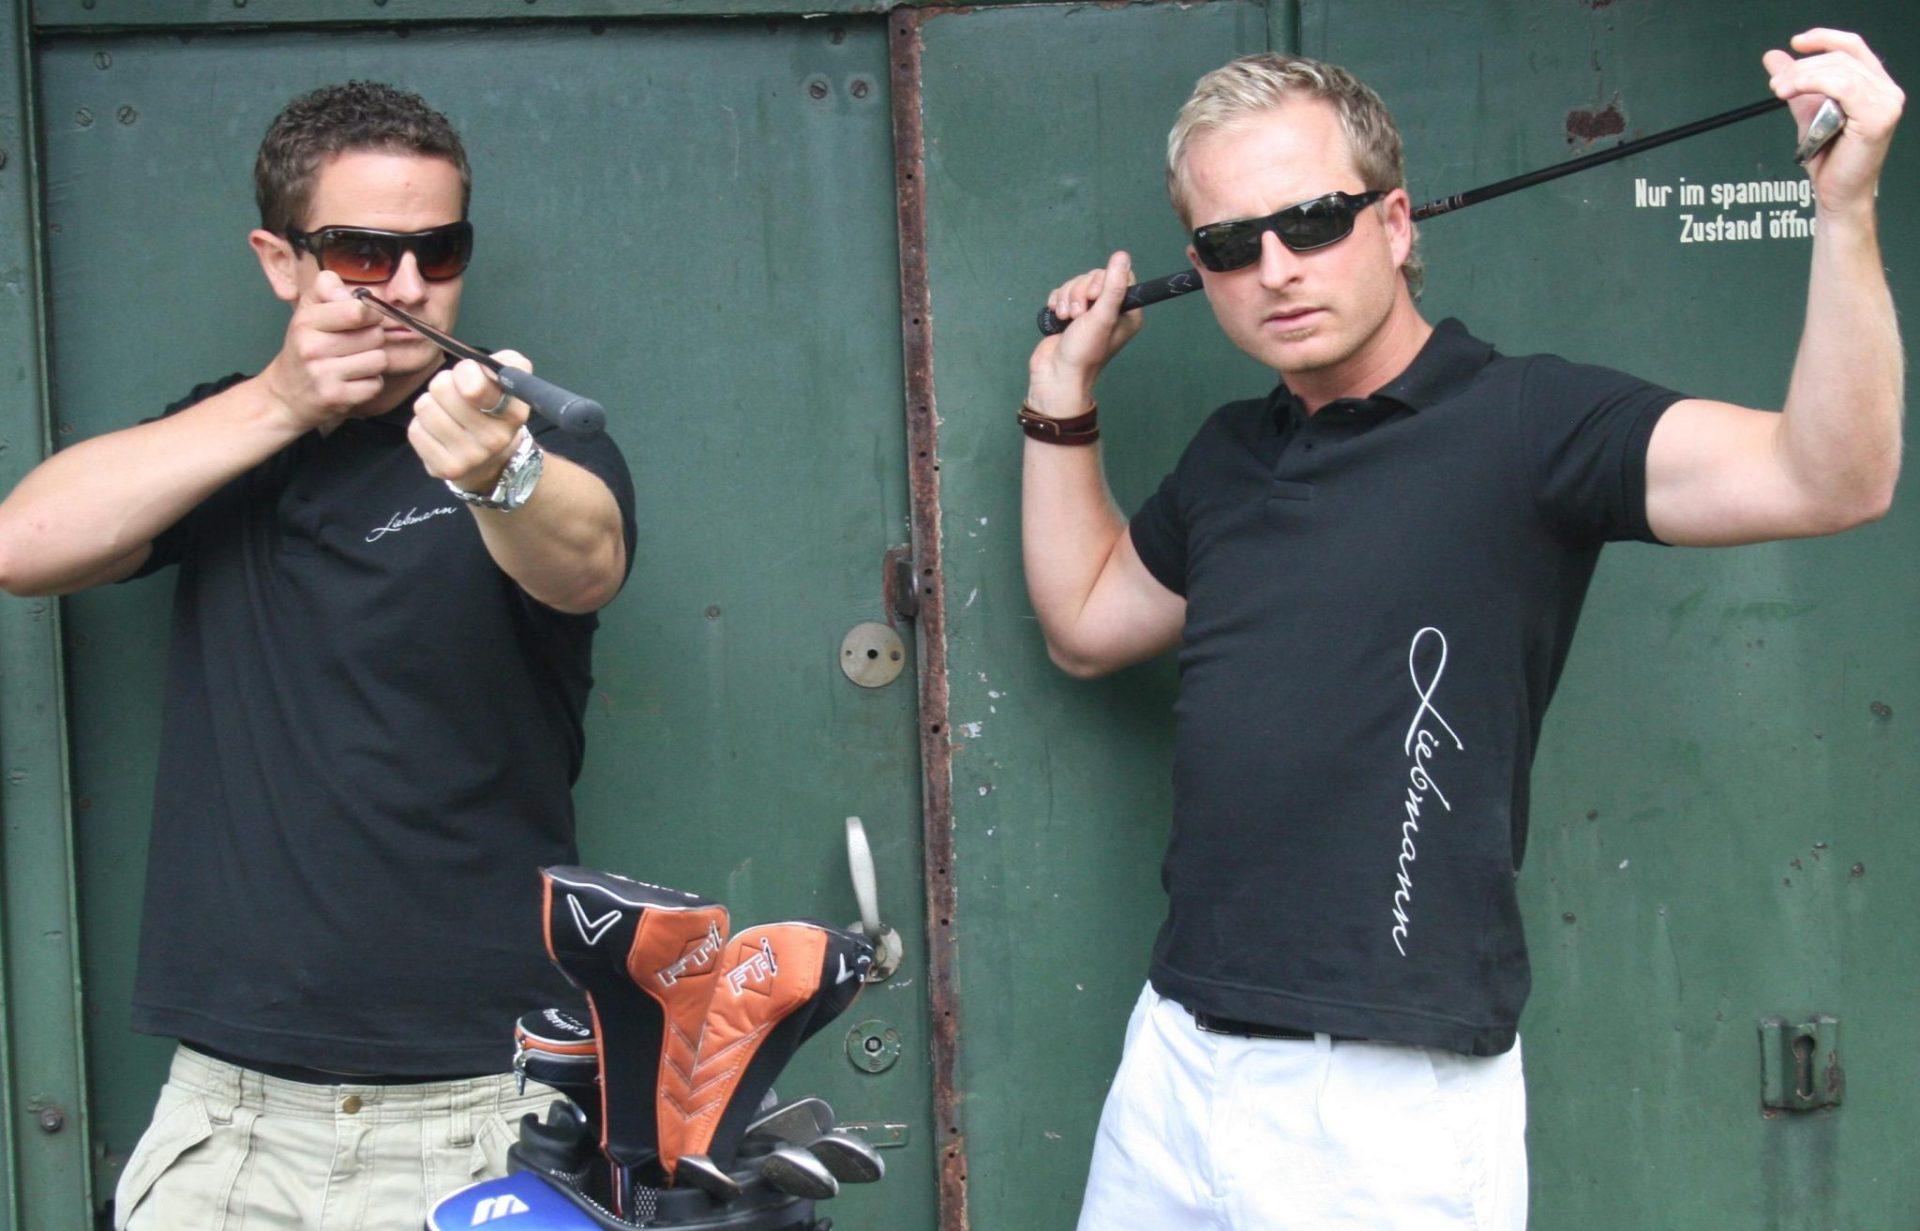 Golfmode am Rande der Etikette 7